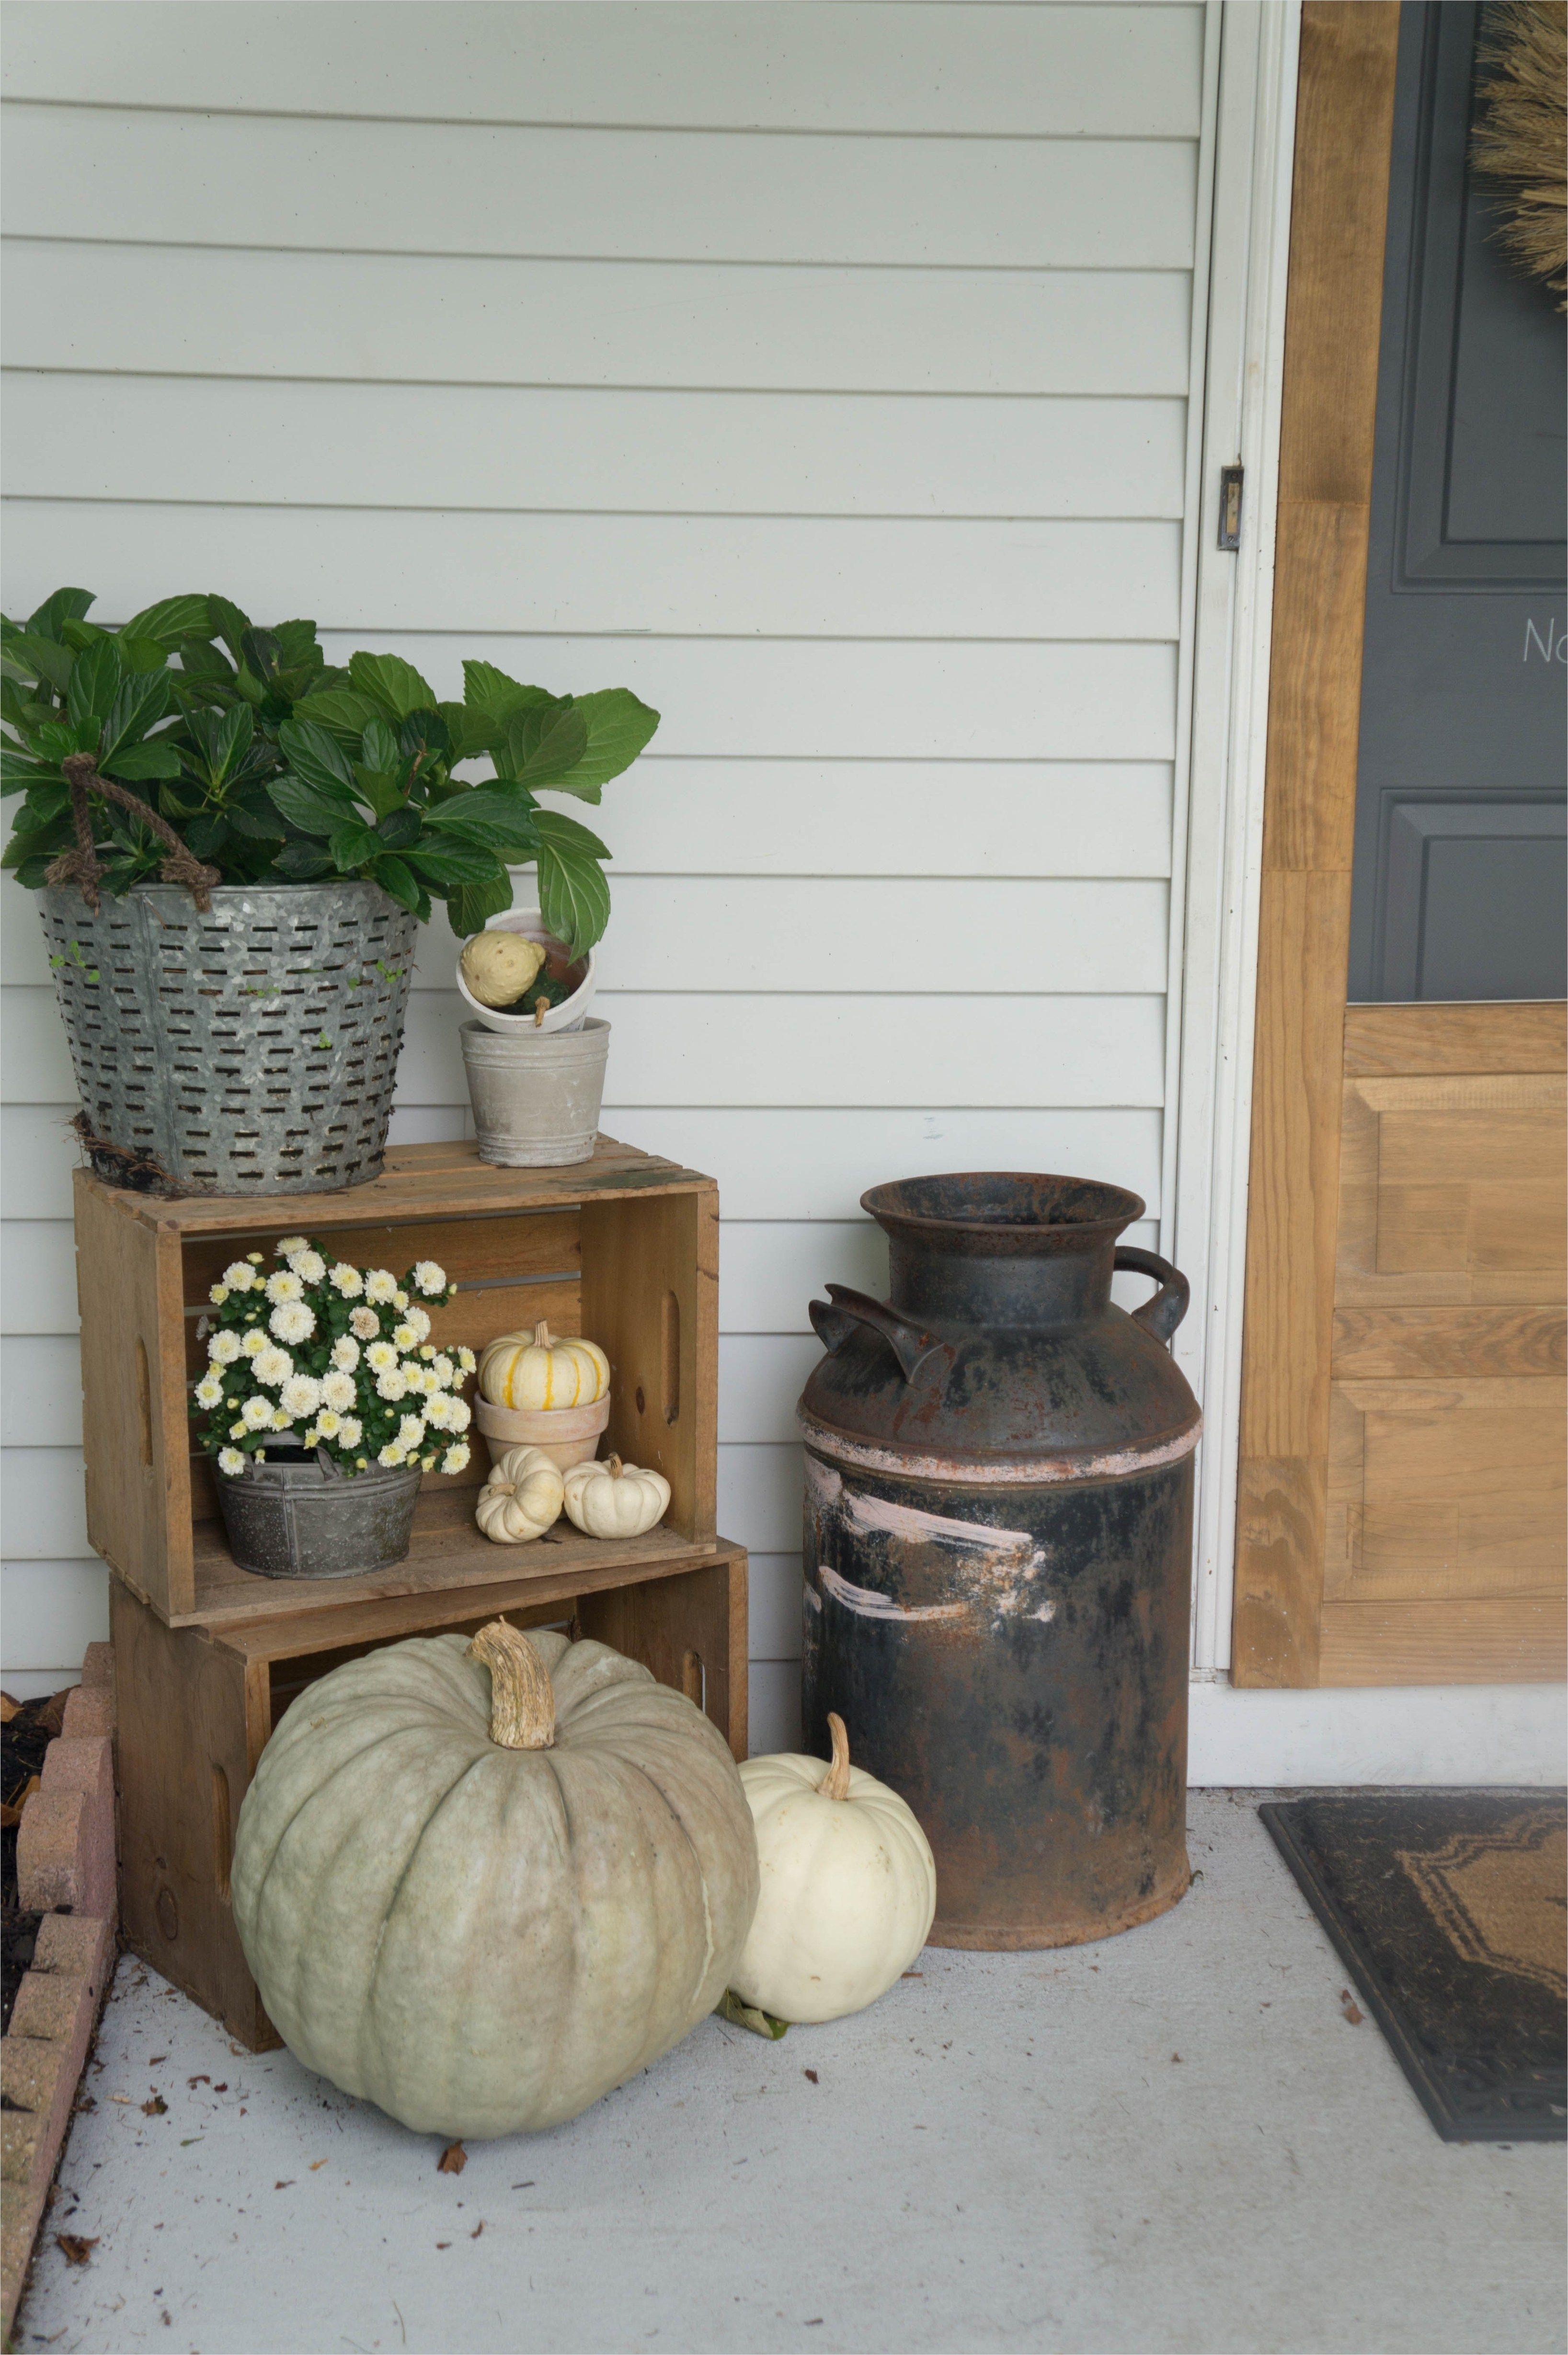 Farmhouse Porch Wall Decor 31 Porch Wall Decor Fall Front Porch Decor Fall Decorations Porch